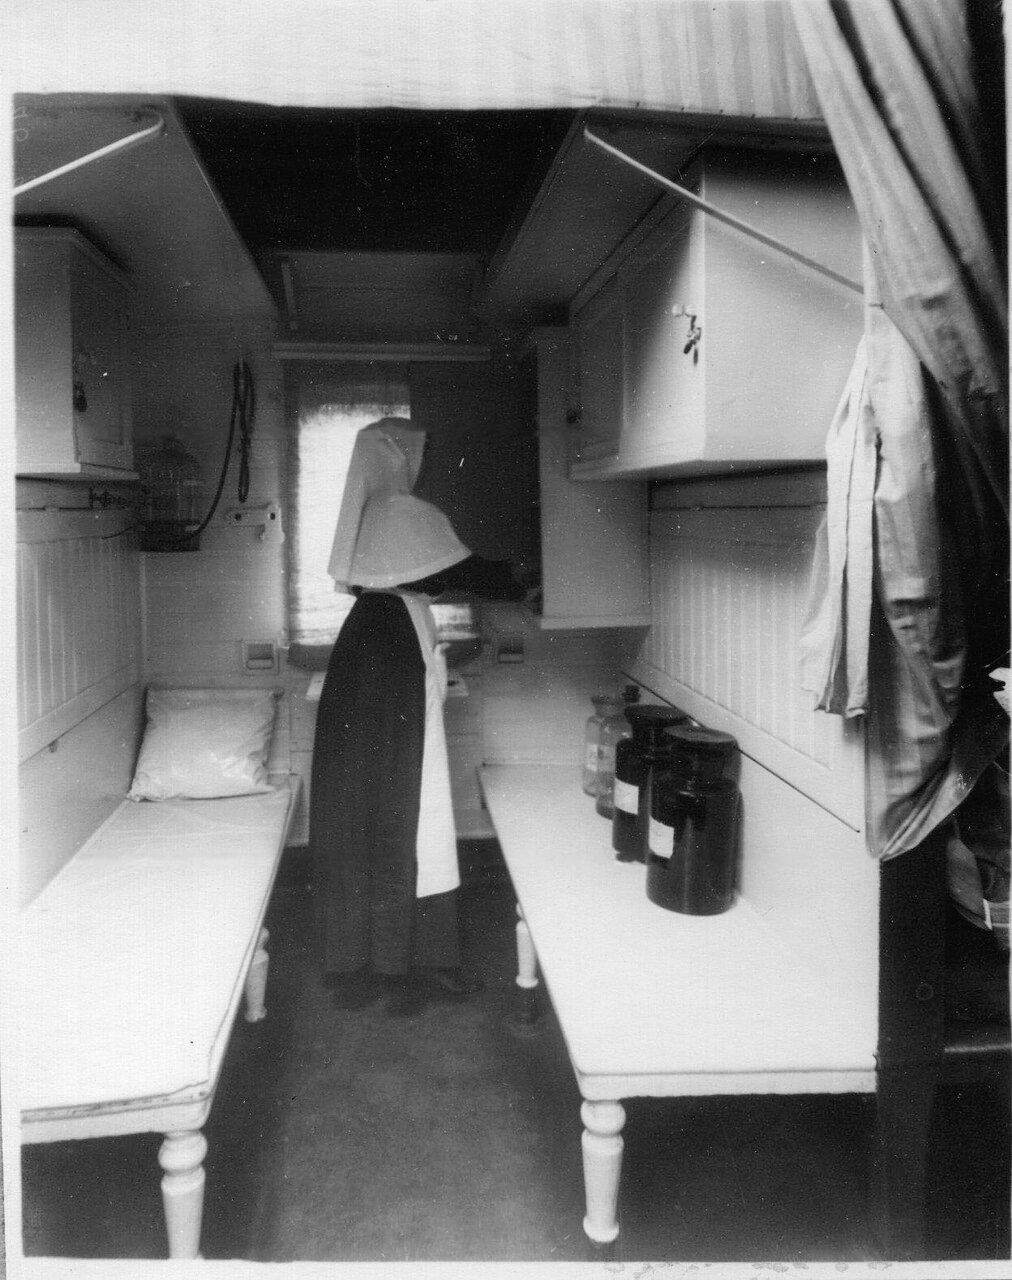 12. Медицинская сестра в купе, где хранятся медикаменты